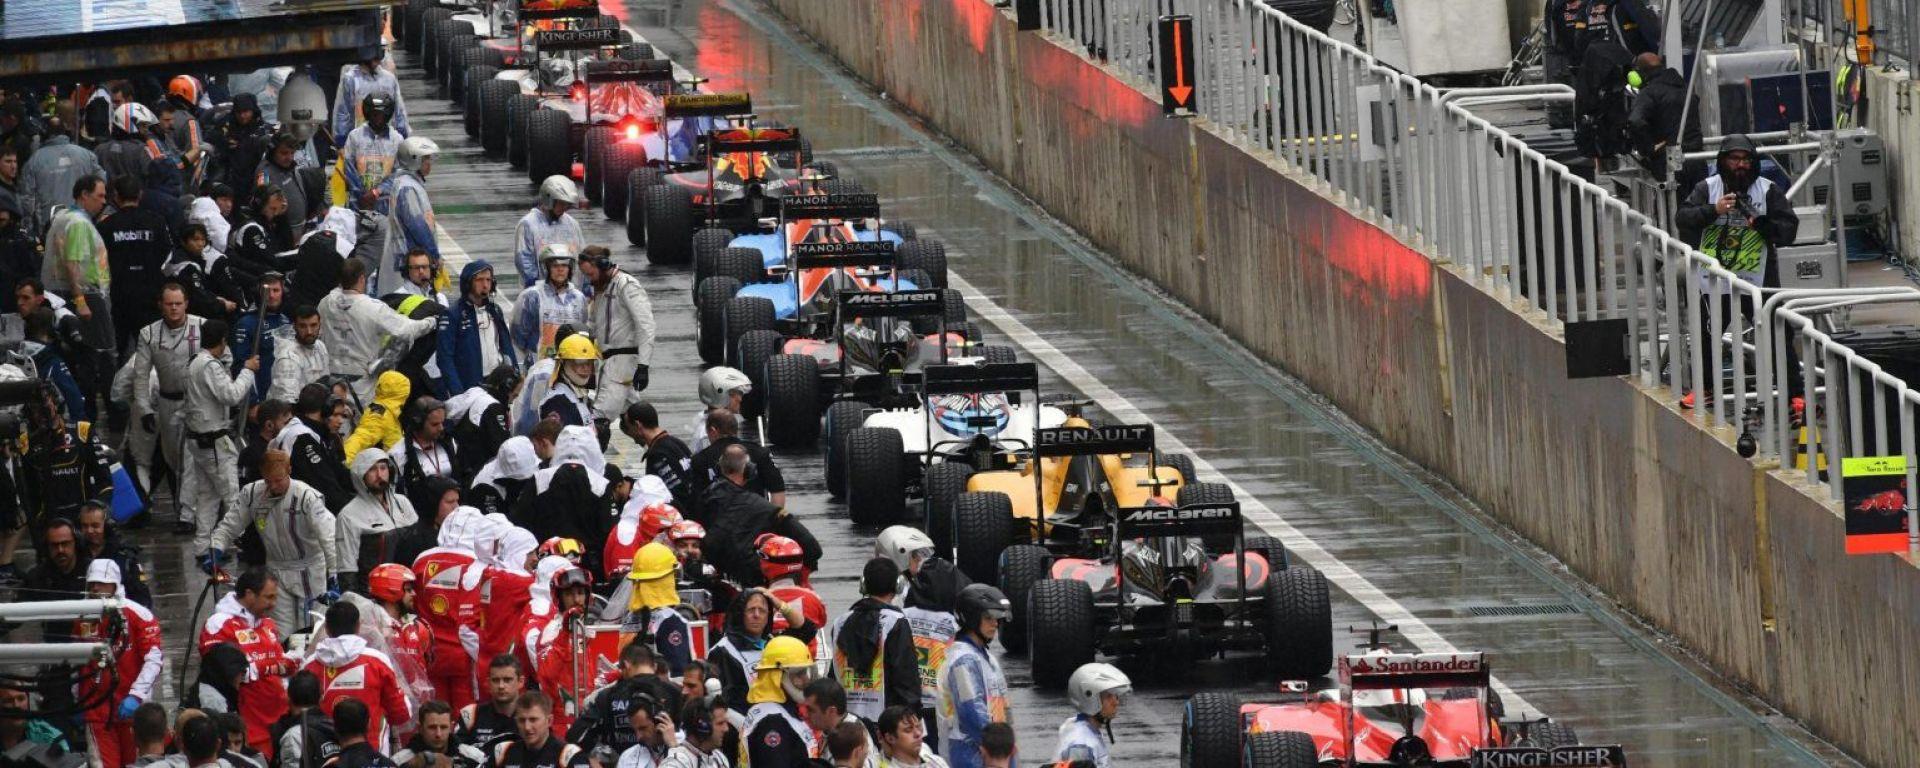 C'era una volta, una Formula Uno che correva sotto la pioggia...